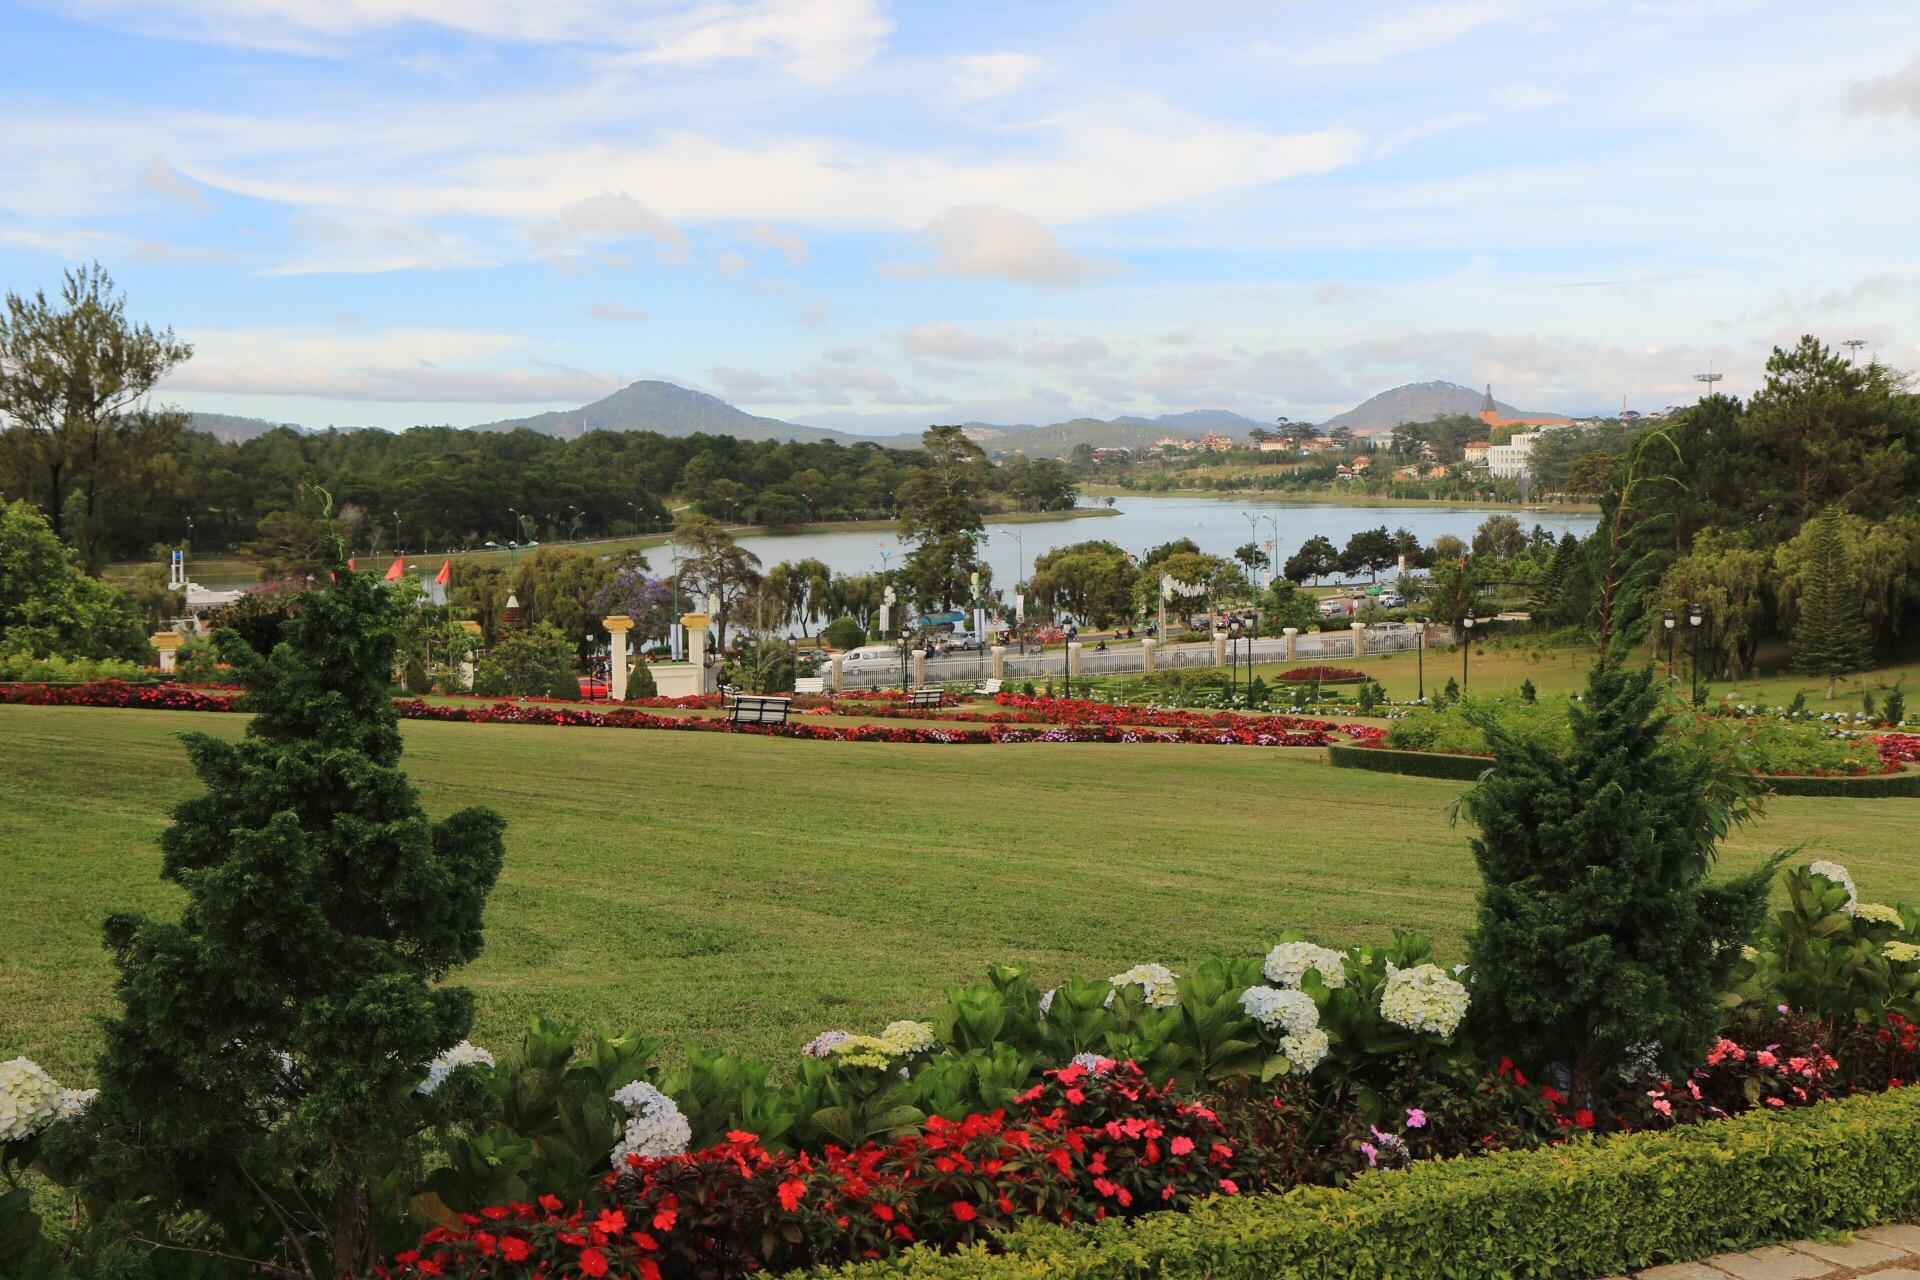 Im Park des Palast Hotels mit Blick auf den See.